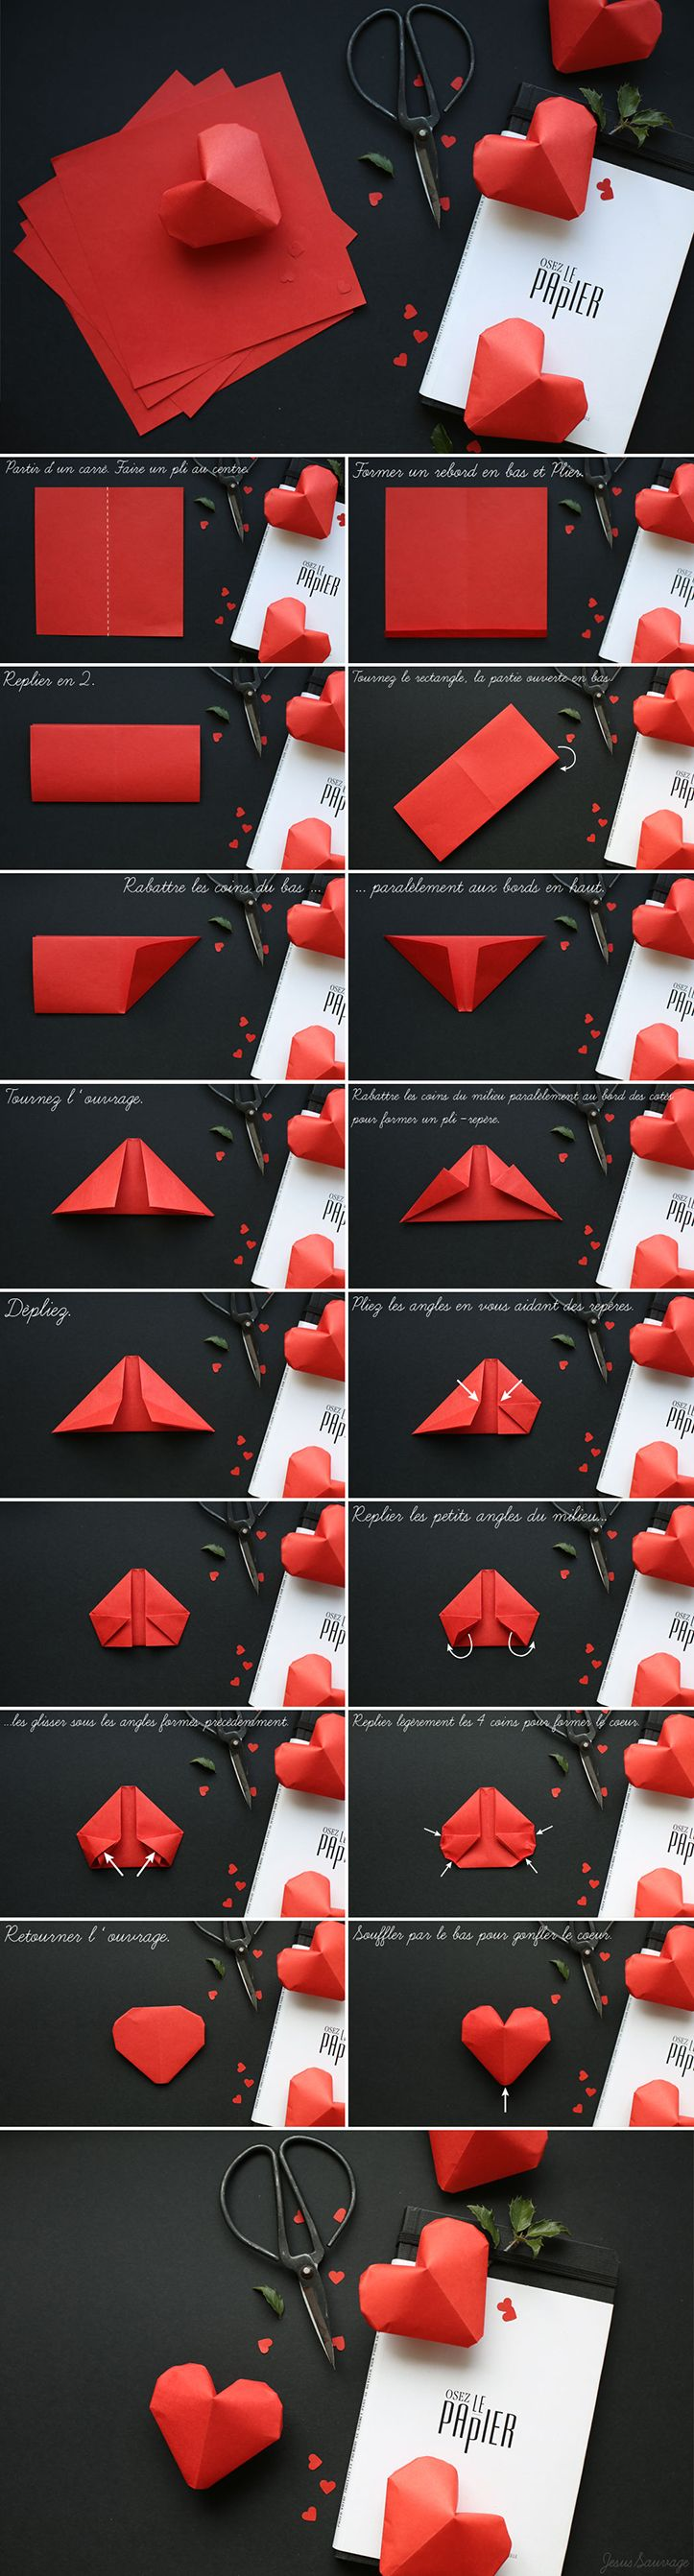 Origami Kalp Yapımı Resimli Anlatım